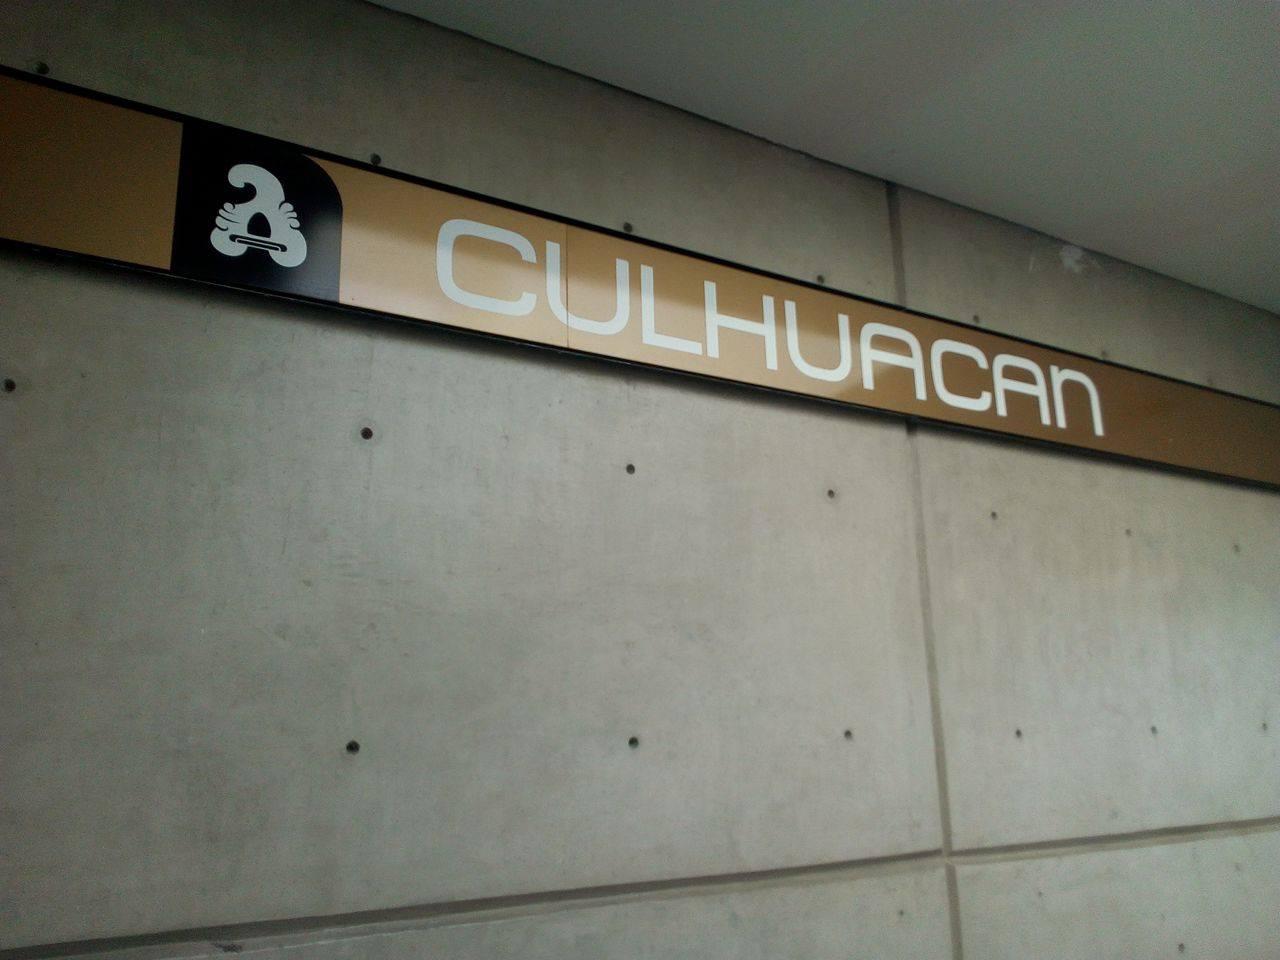 Hombre eyacula en pantalón de joven en metro Culhuacán